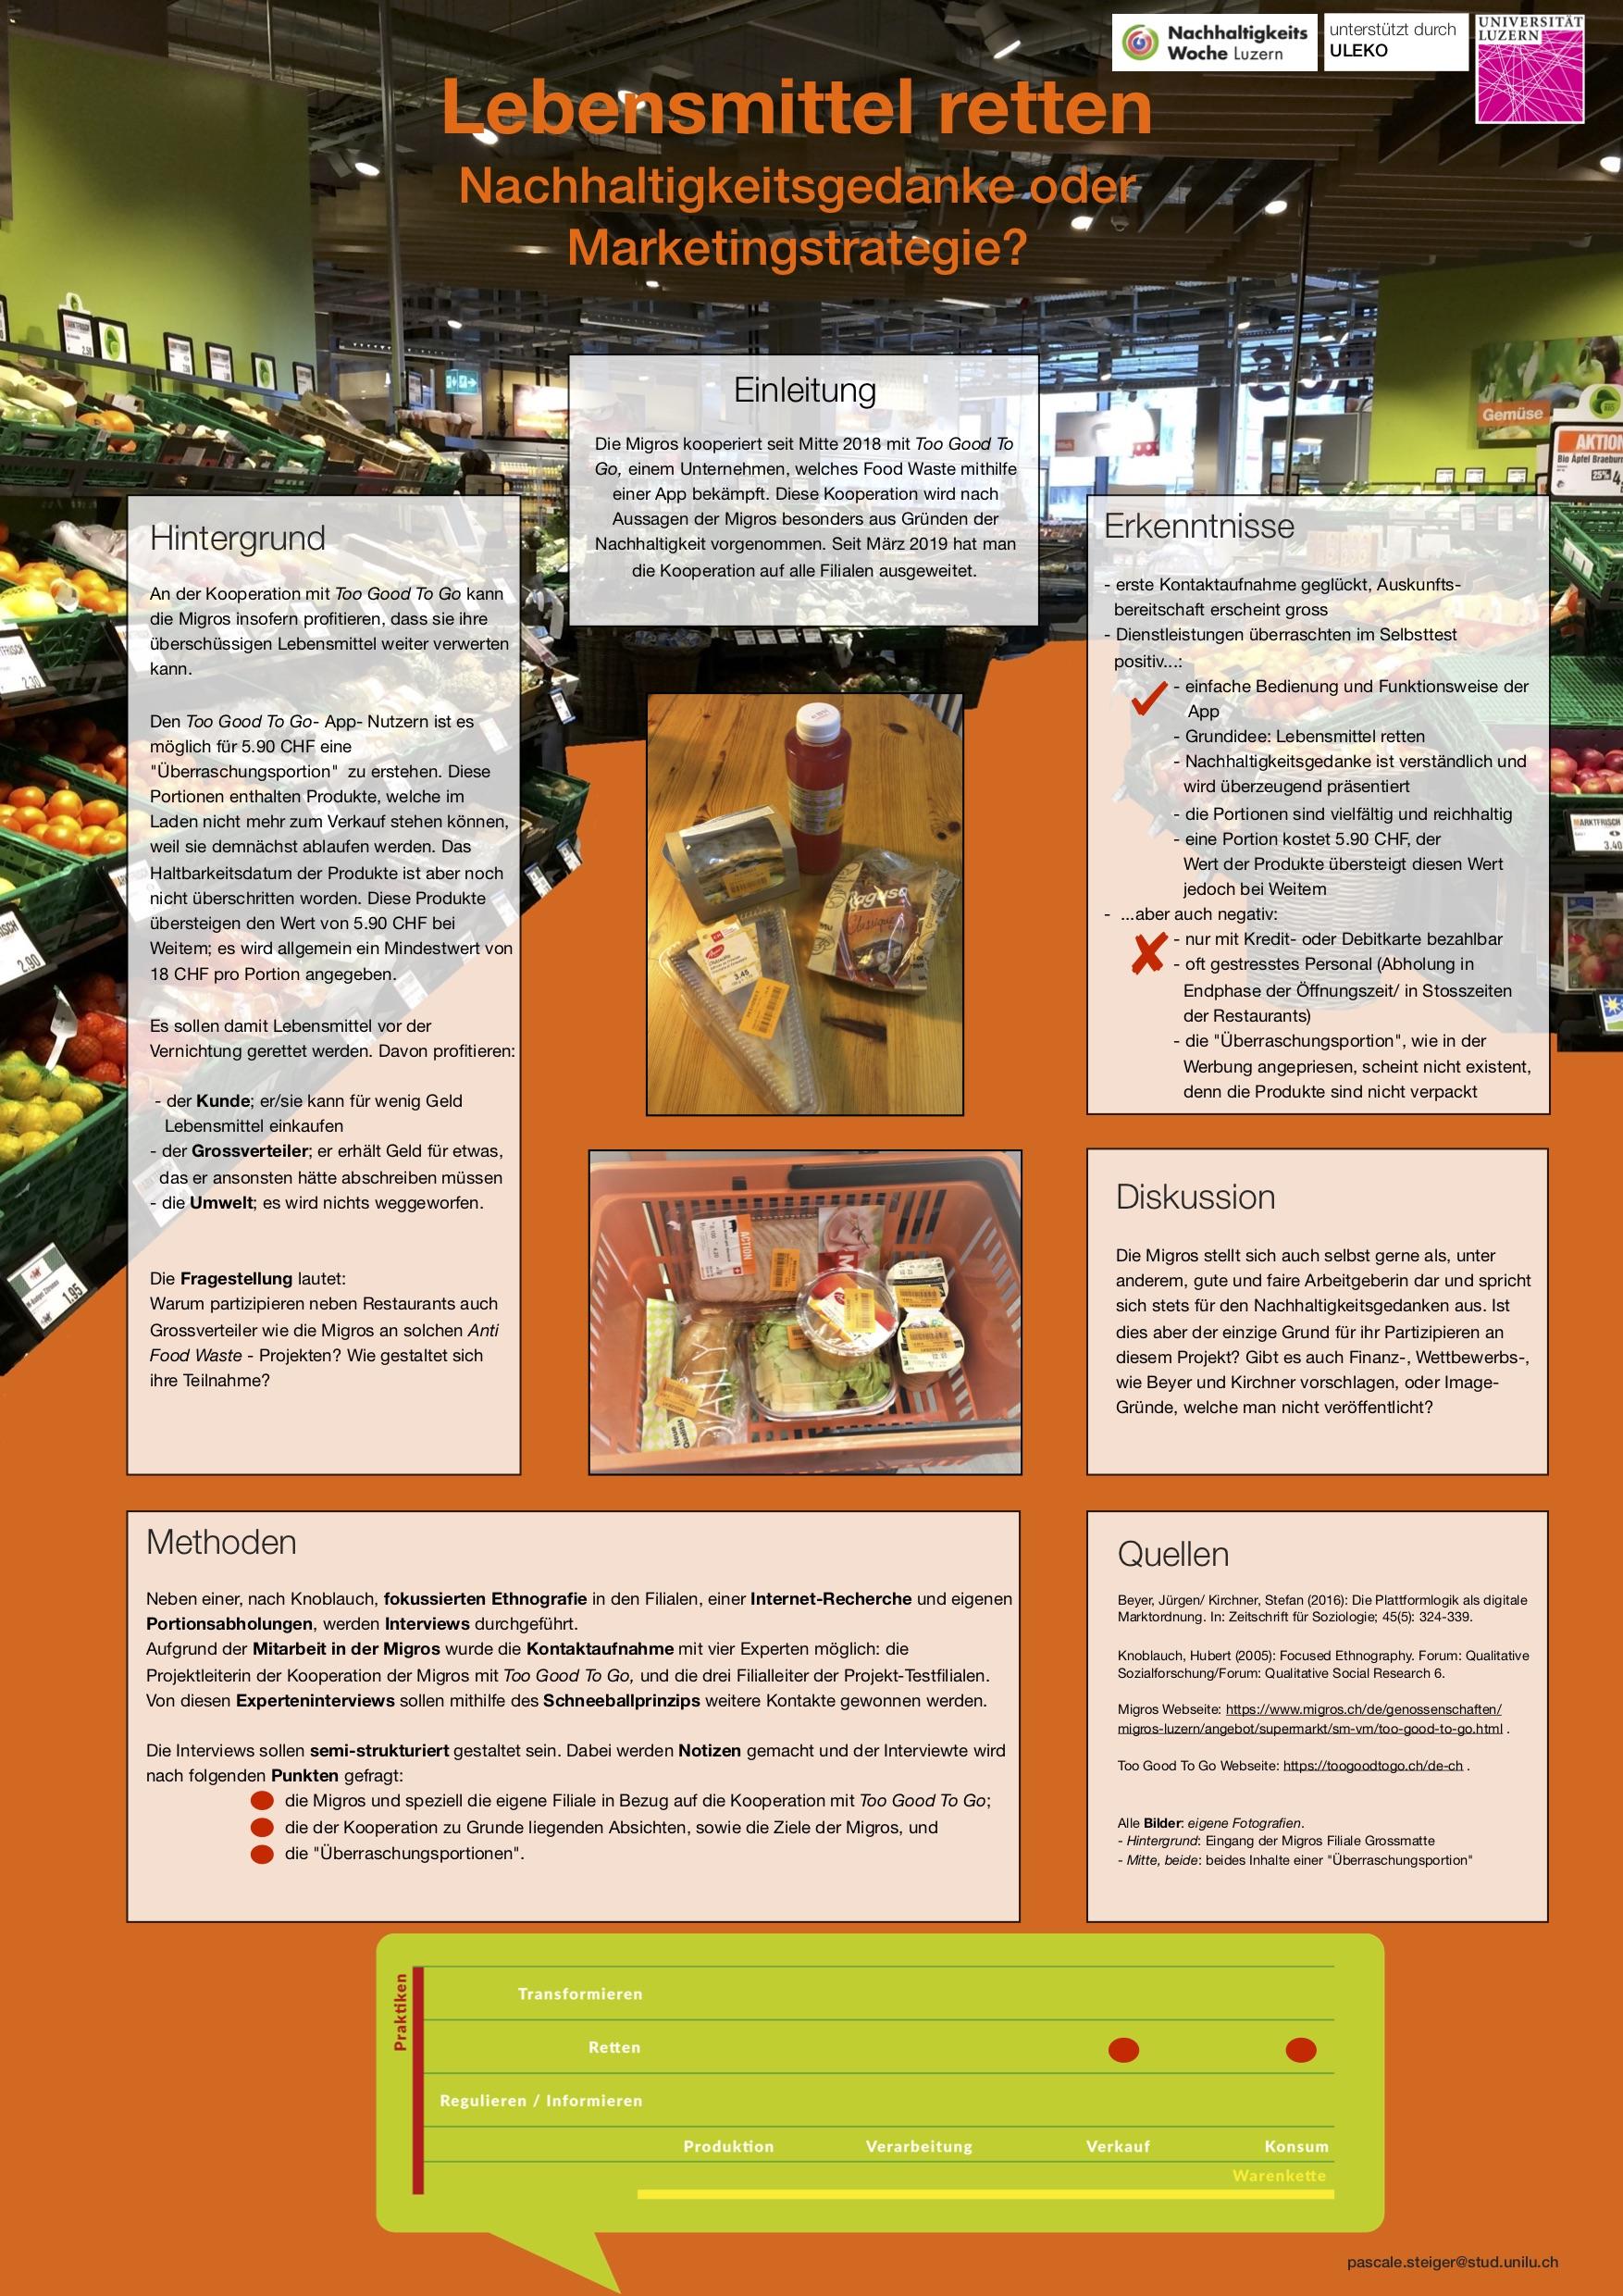 2Steiger_Lebensmittel retten Nachhaltigk